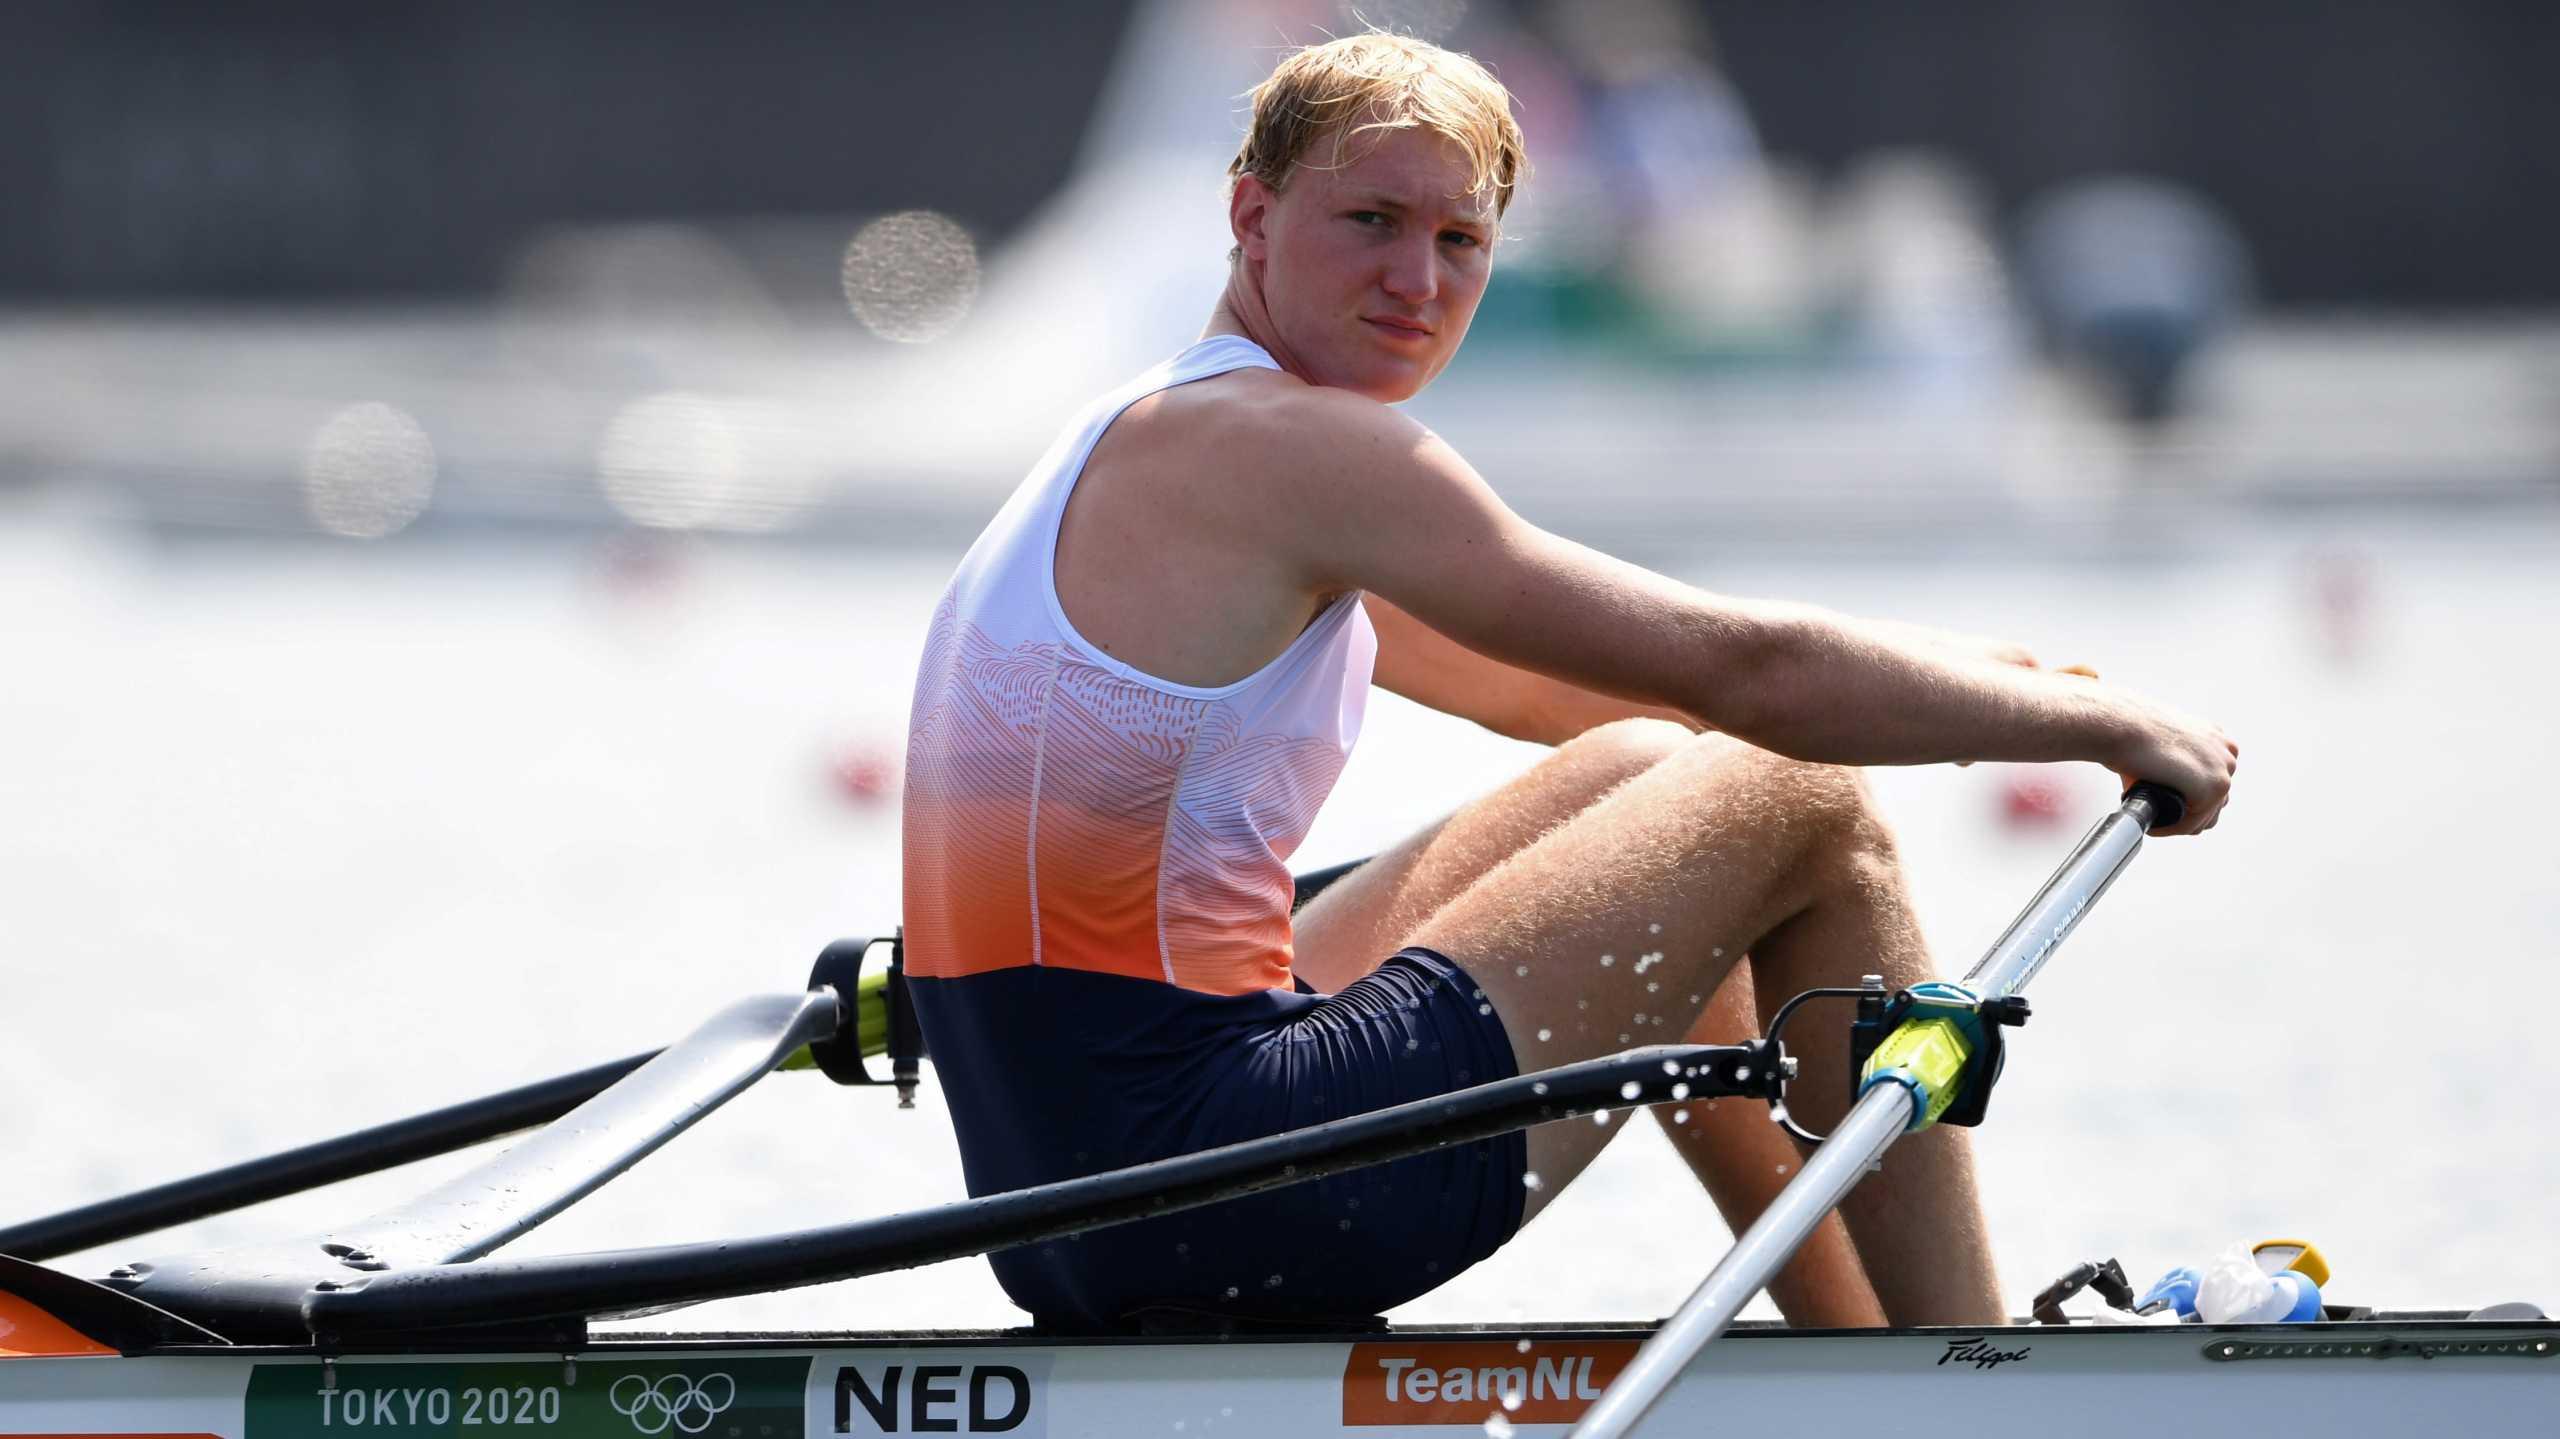 Ολυμπιακοί Αγώνες: Θετικός στον κορονοϊό Ολλανδός κωπηλάτης